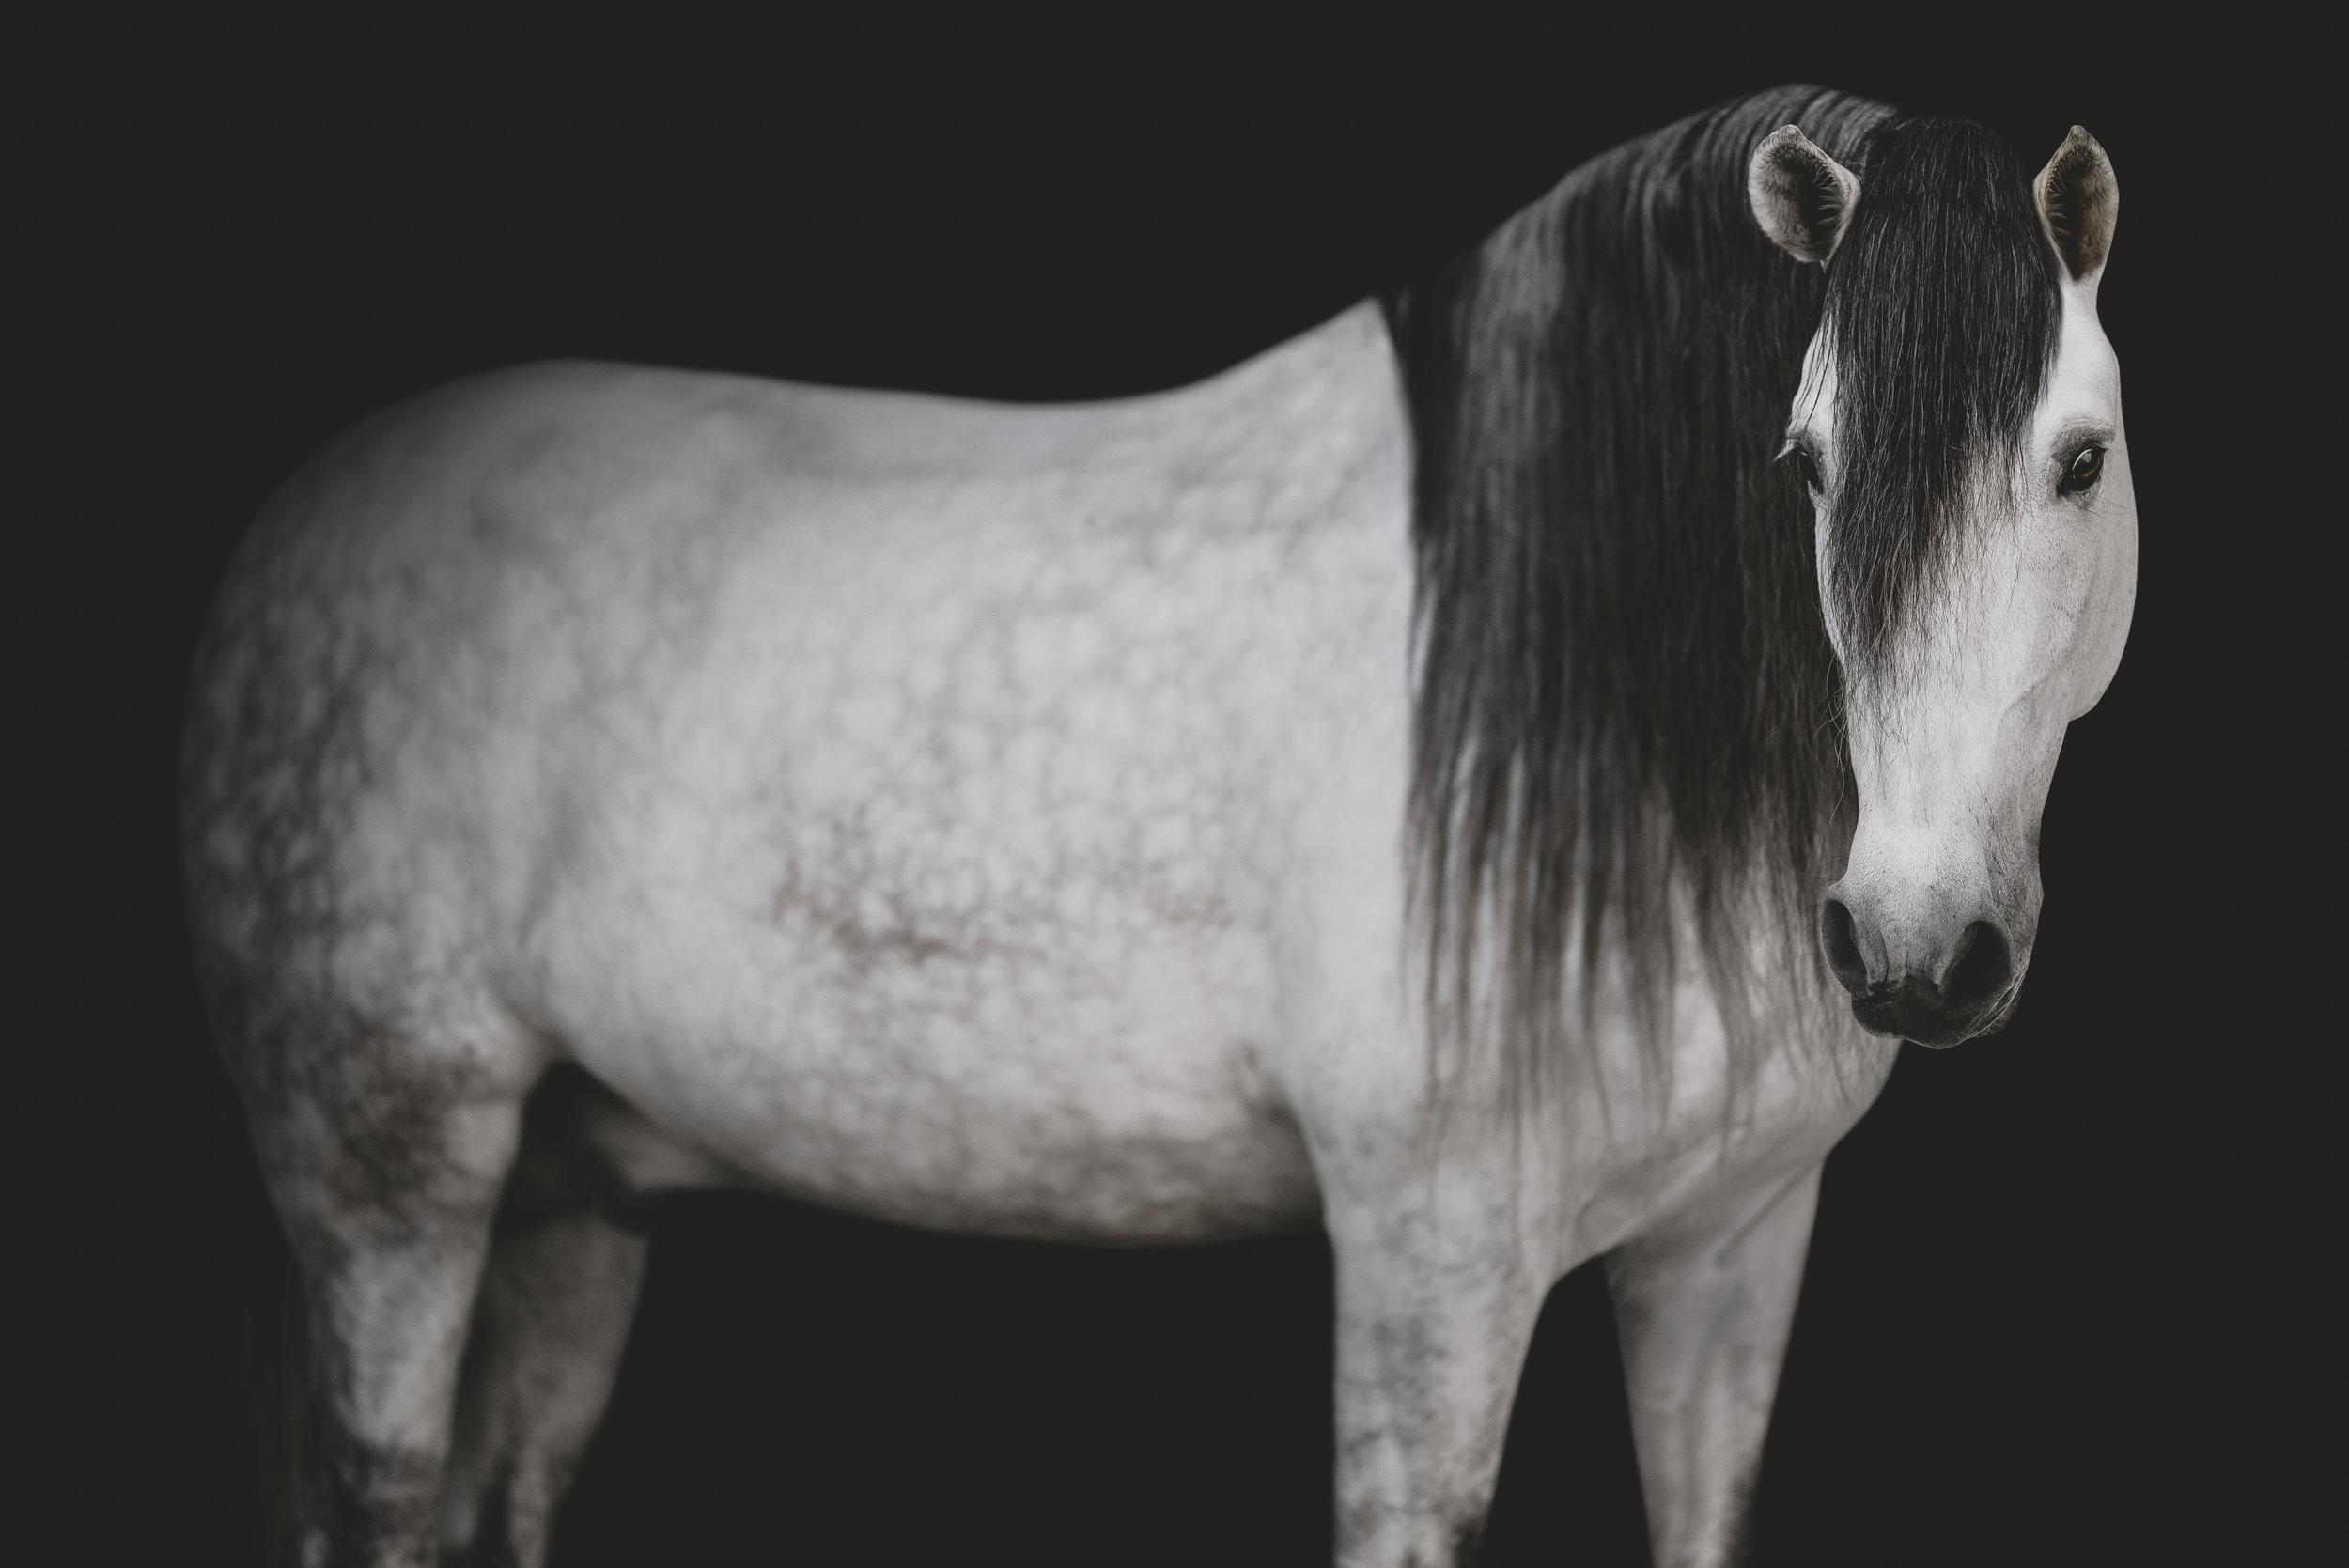 medevialtimes_horseportraits_edited-6.jpg